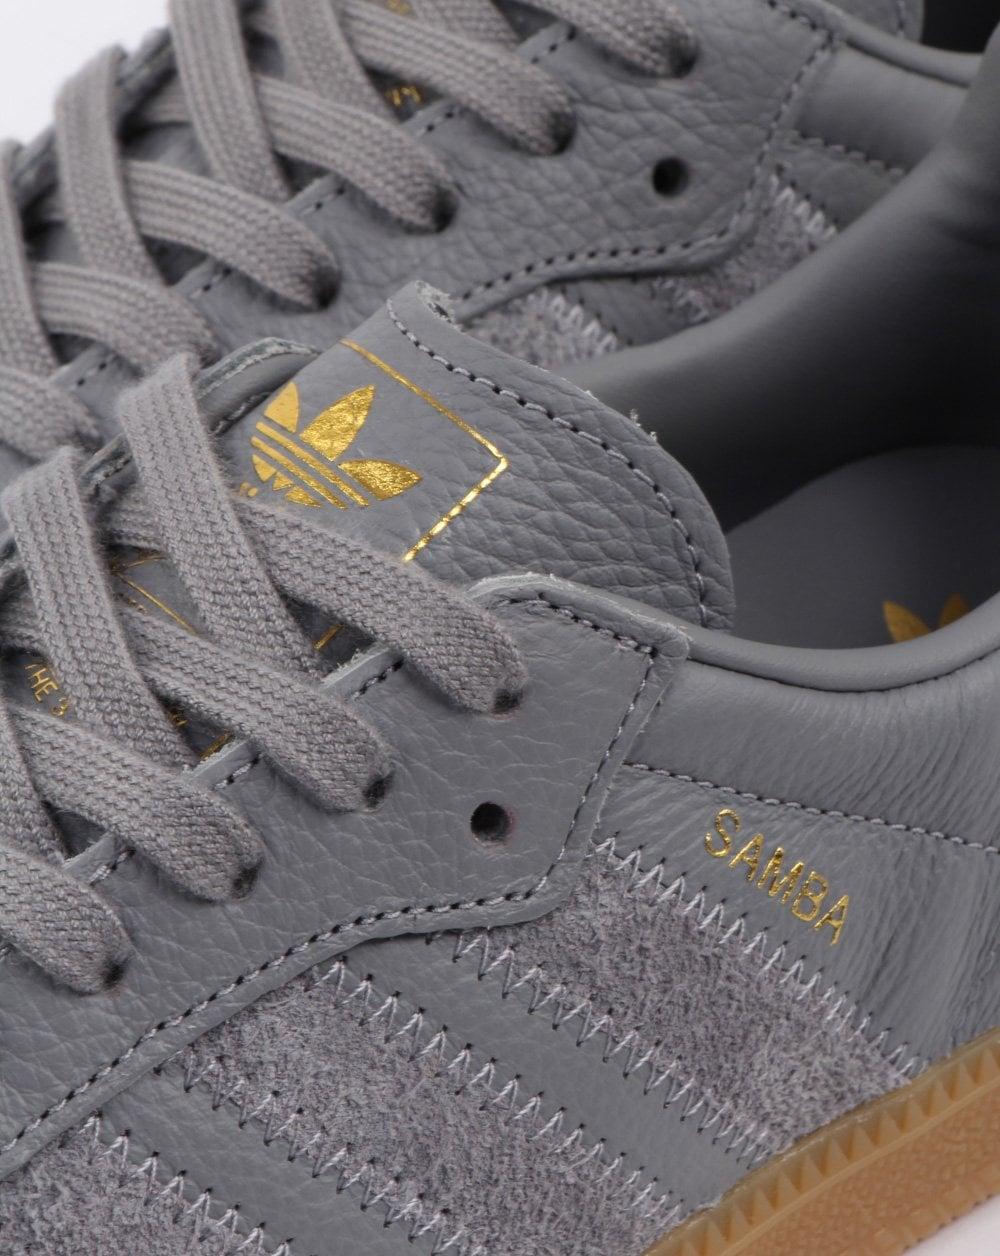 Adidas Samba Og Trainers Grey, Leather